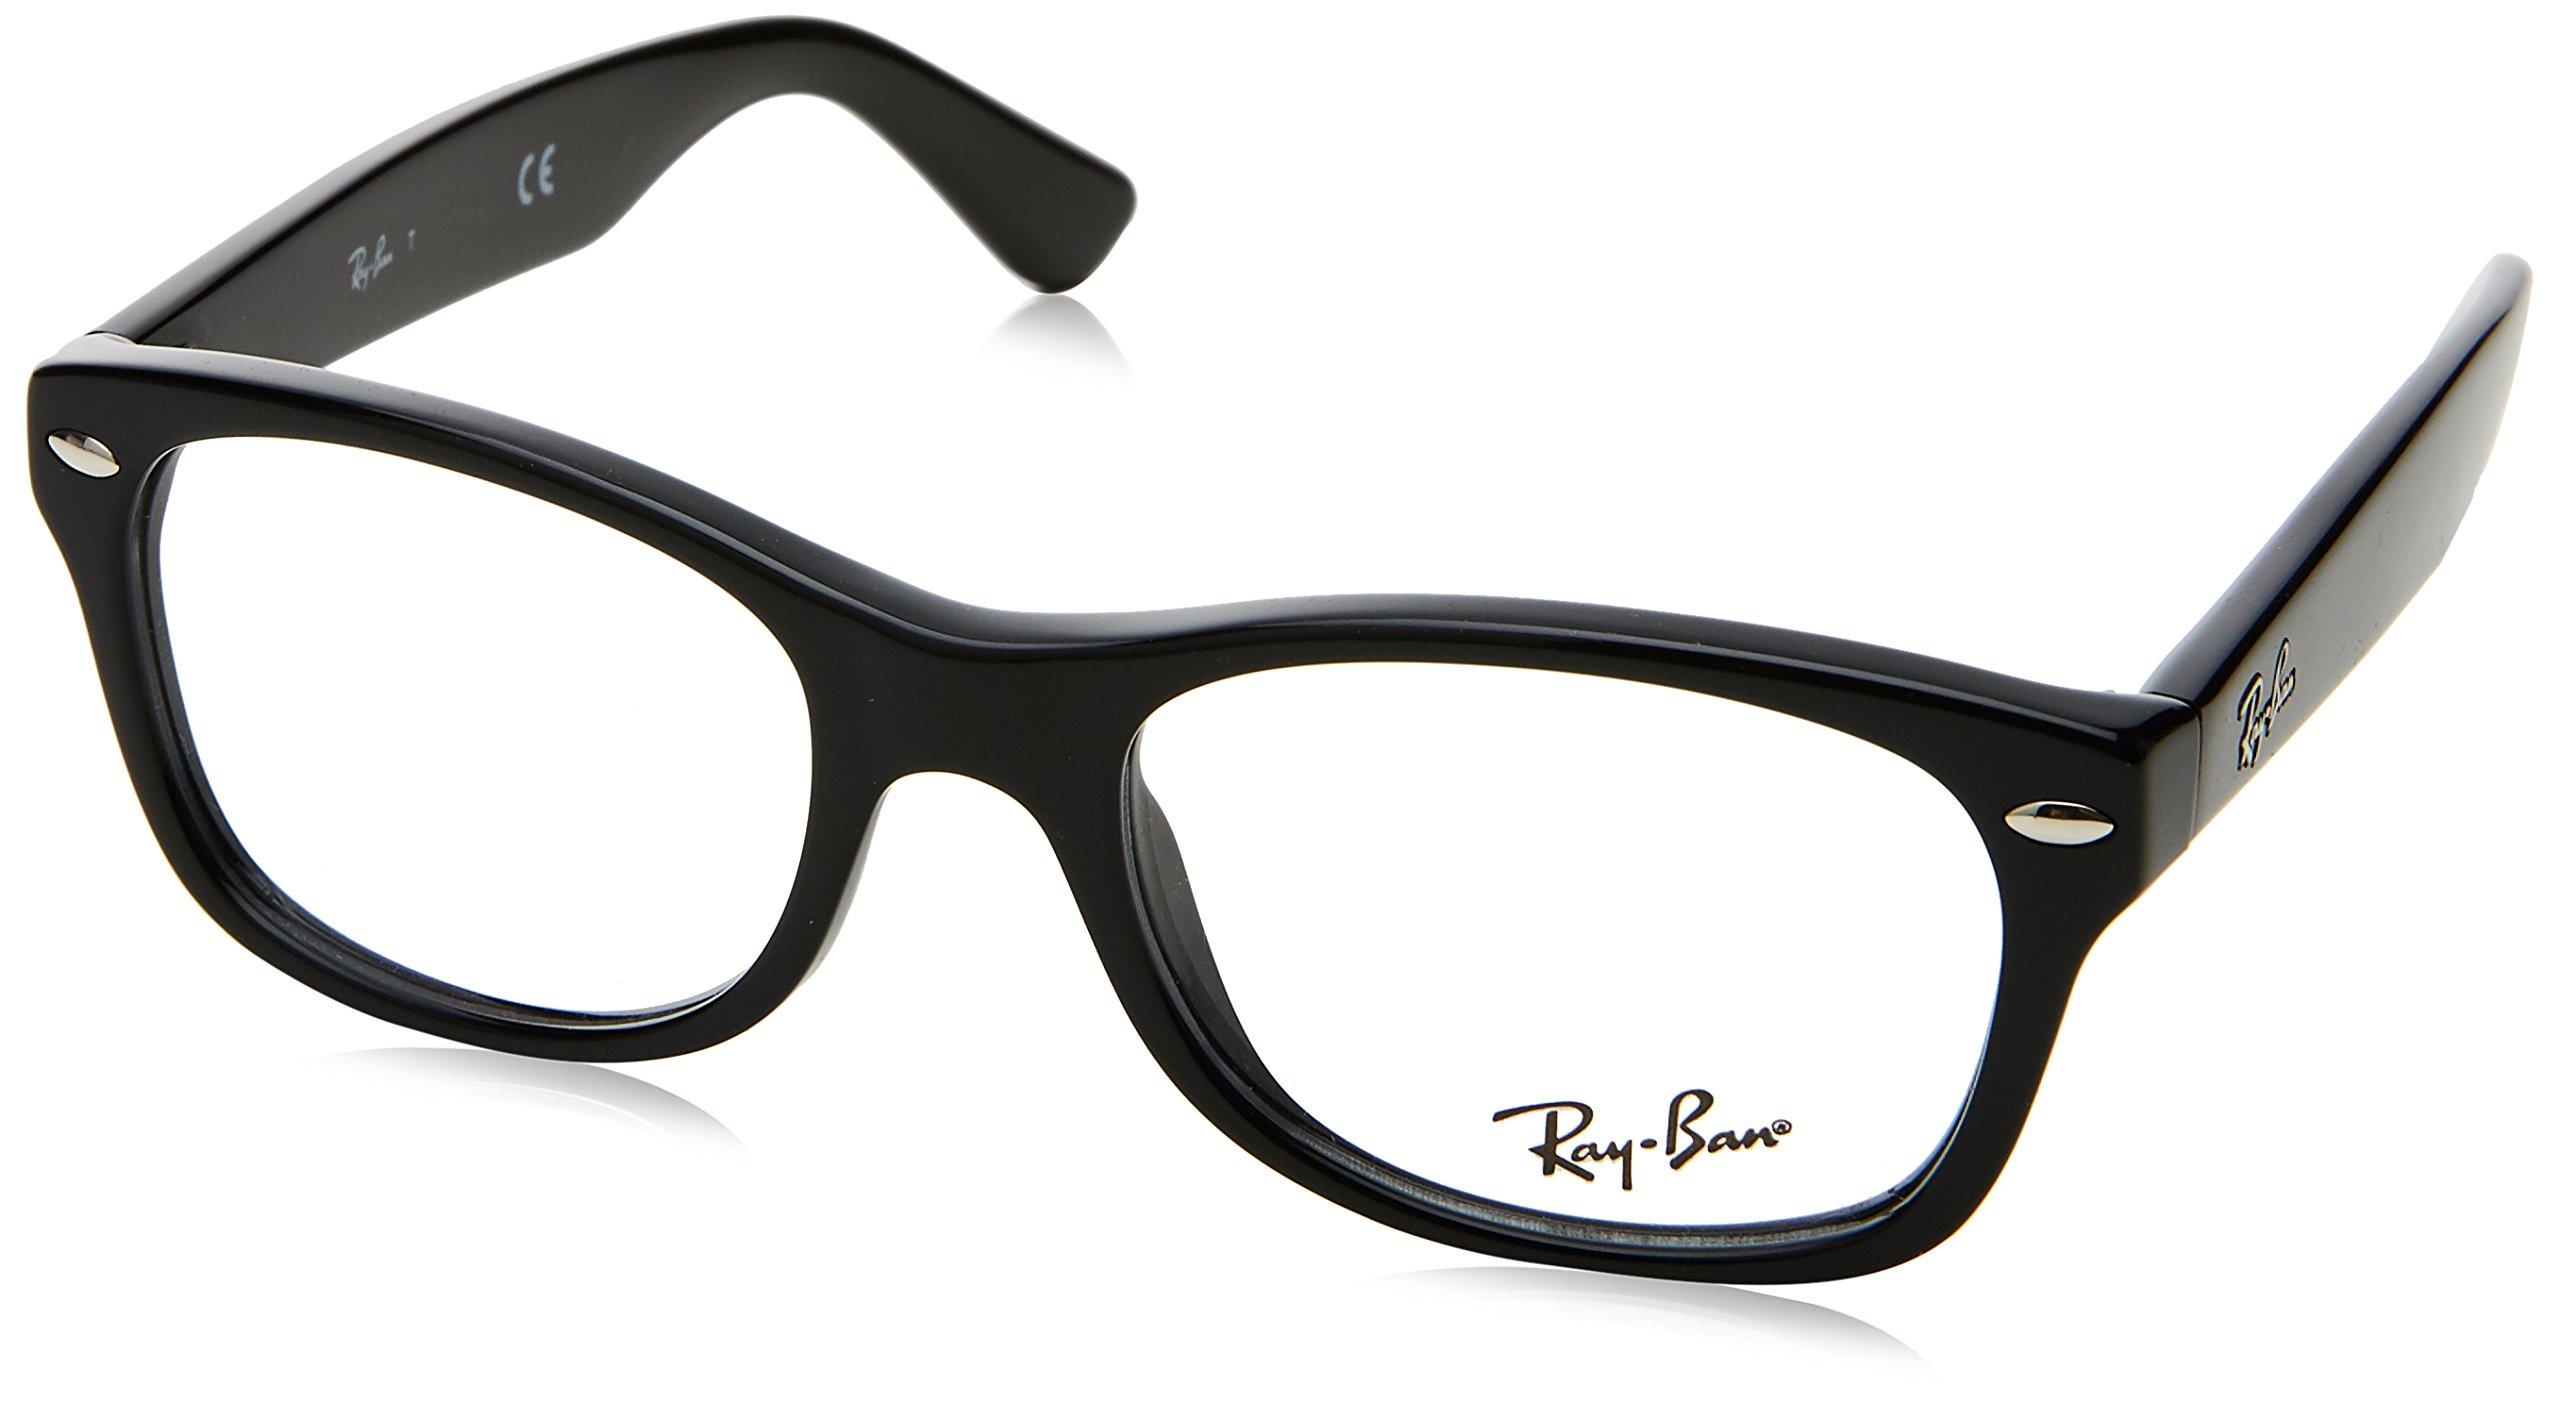 Ray Ban Junior RY1528 Eyeglasses-3542 Black-46mm